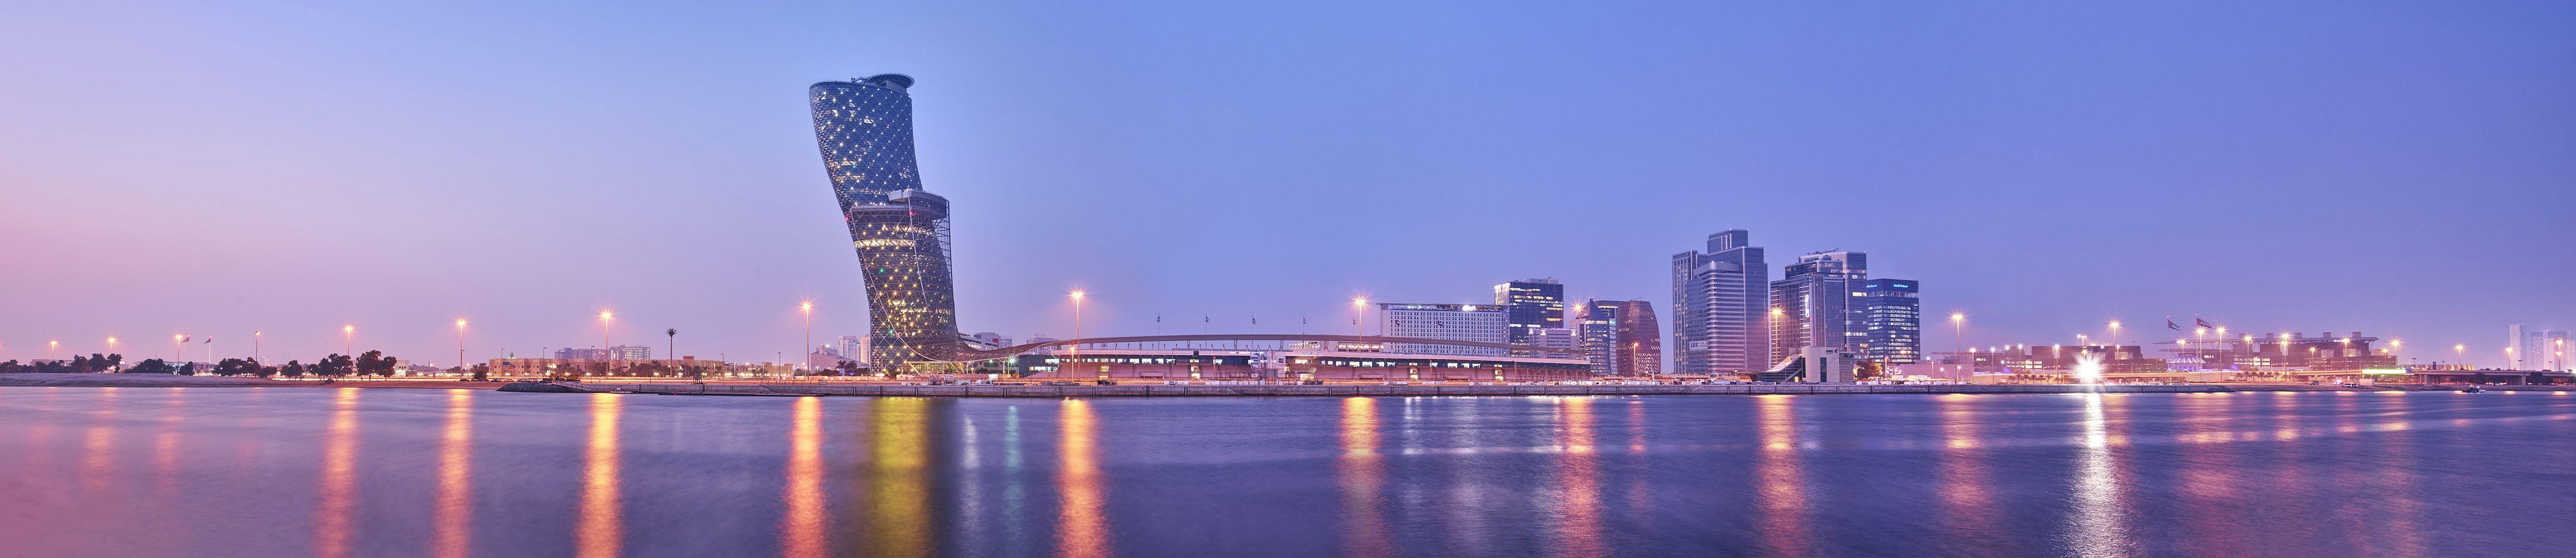 Какие места стоит посетить в столице ОАЭ